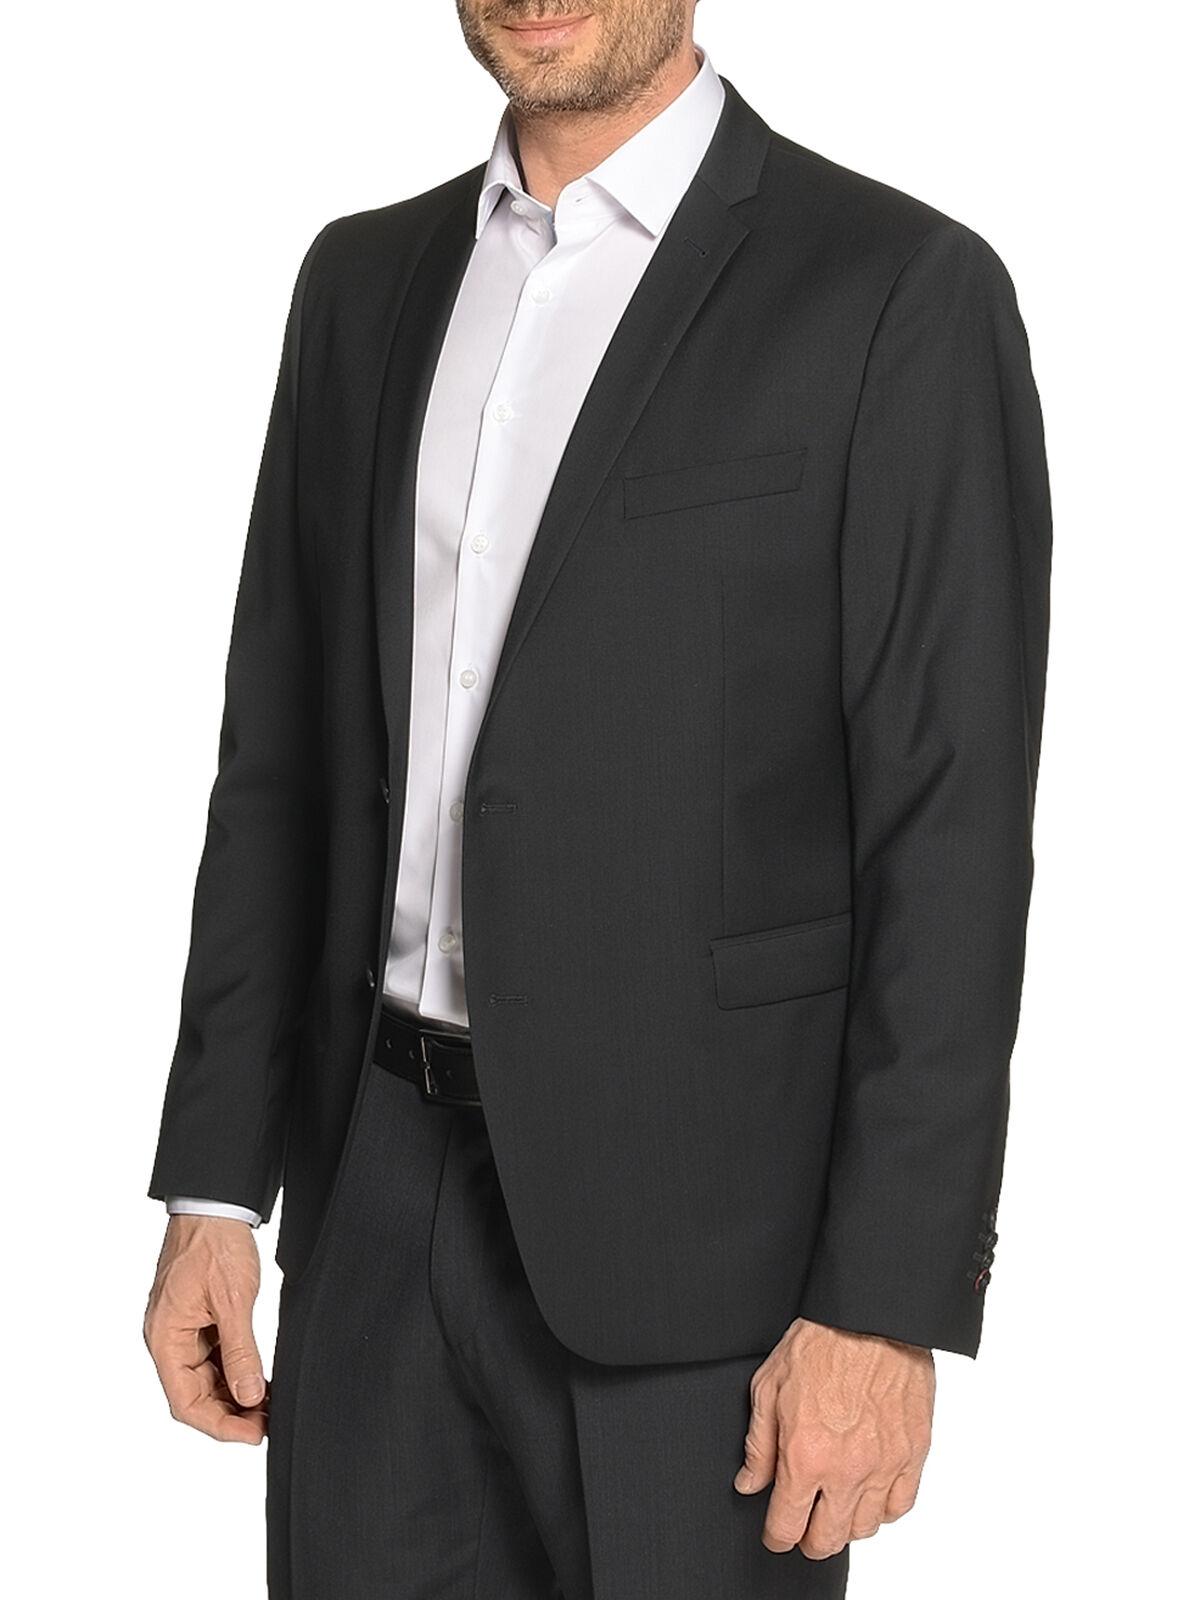 Colbert Slim fit